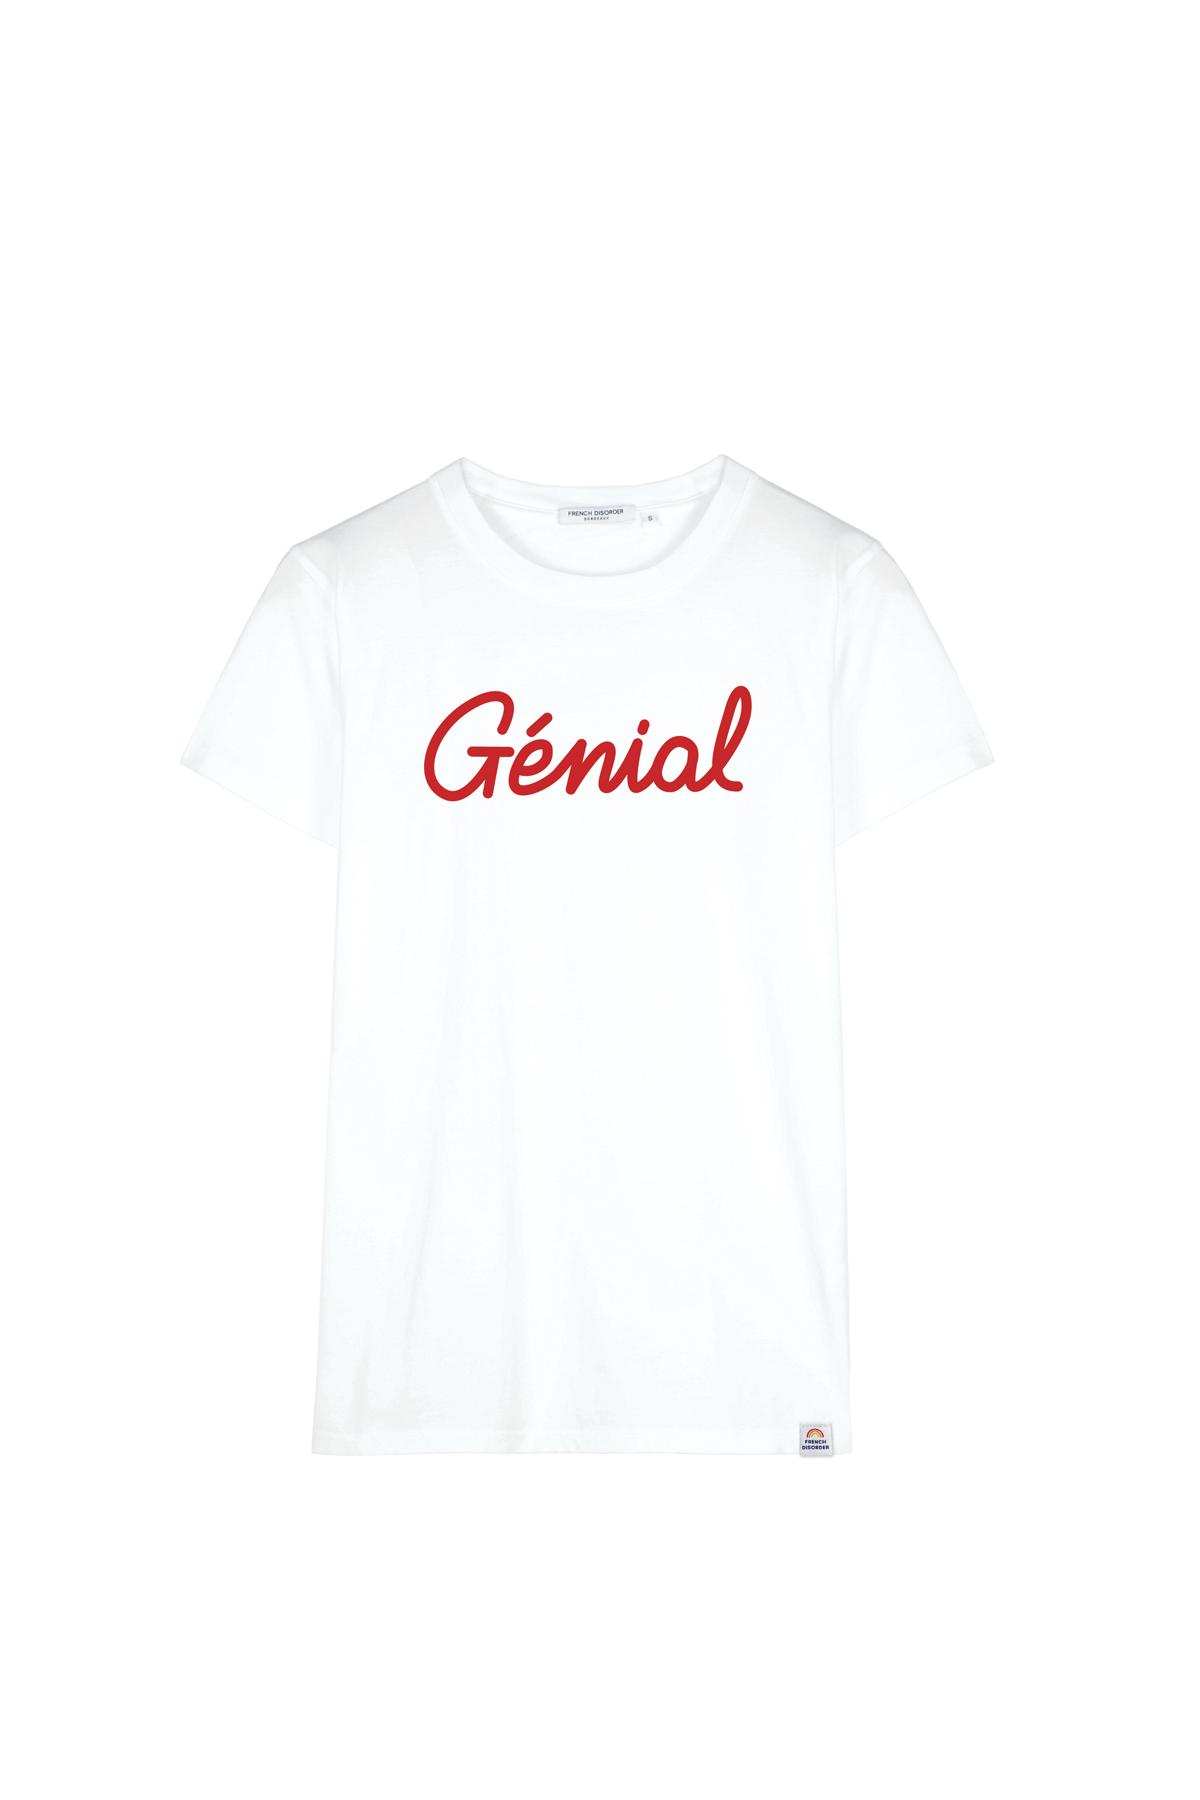 Tshirt GENIAL French Disorder